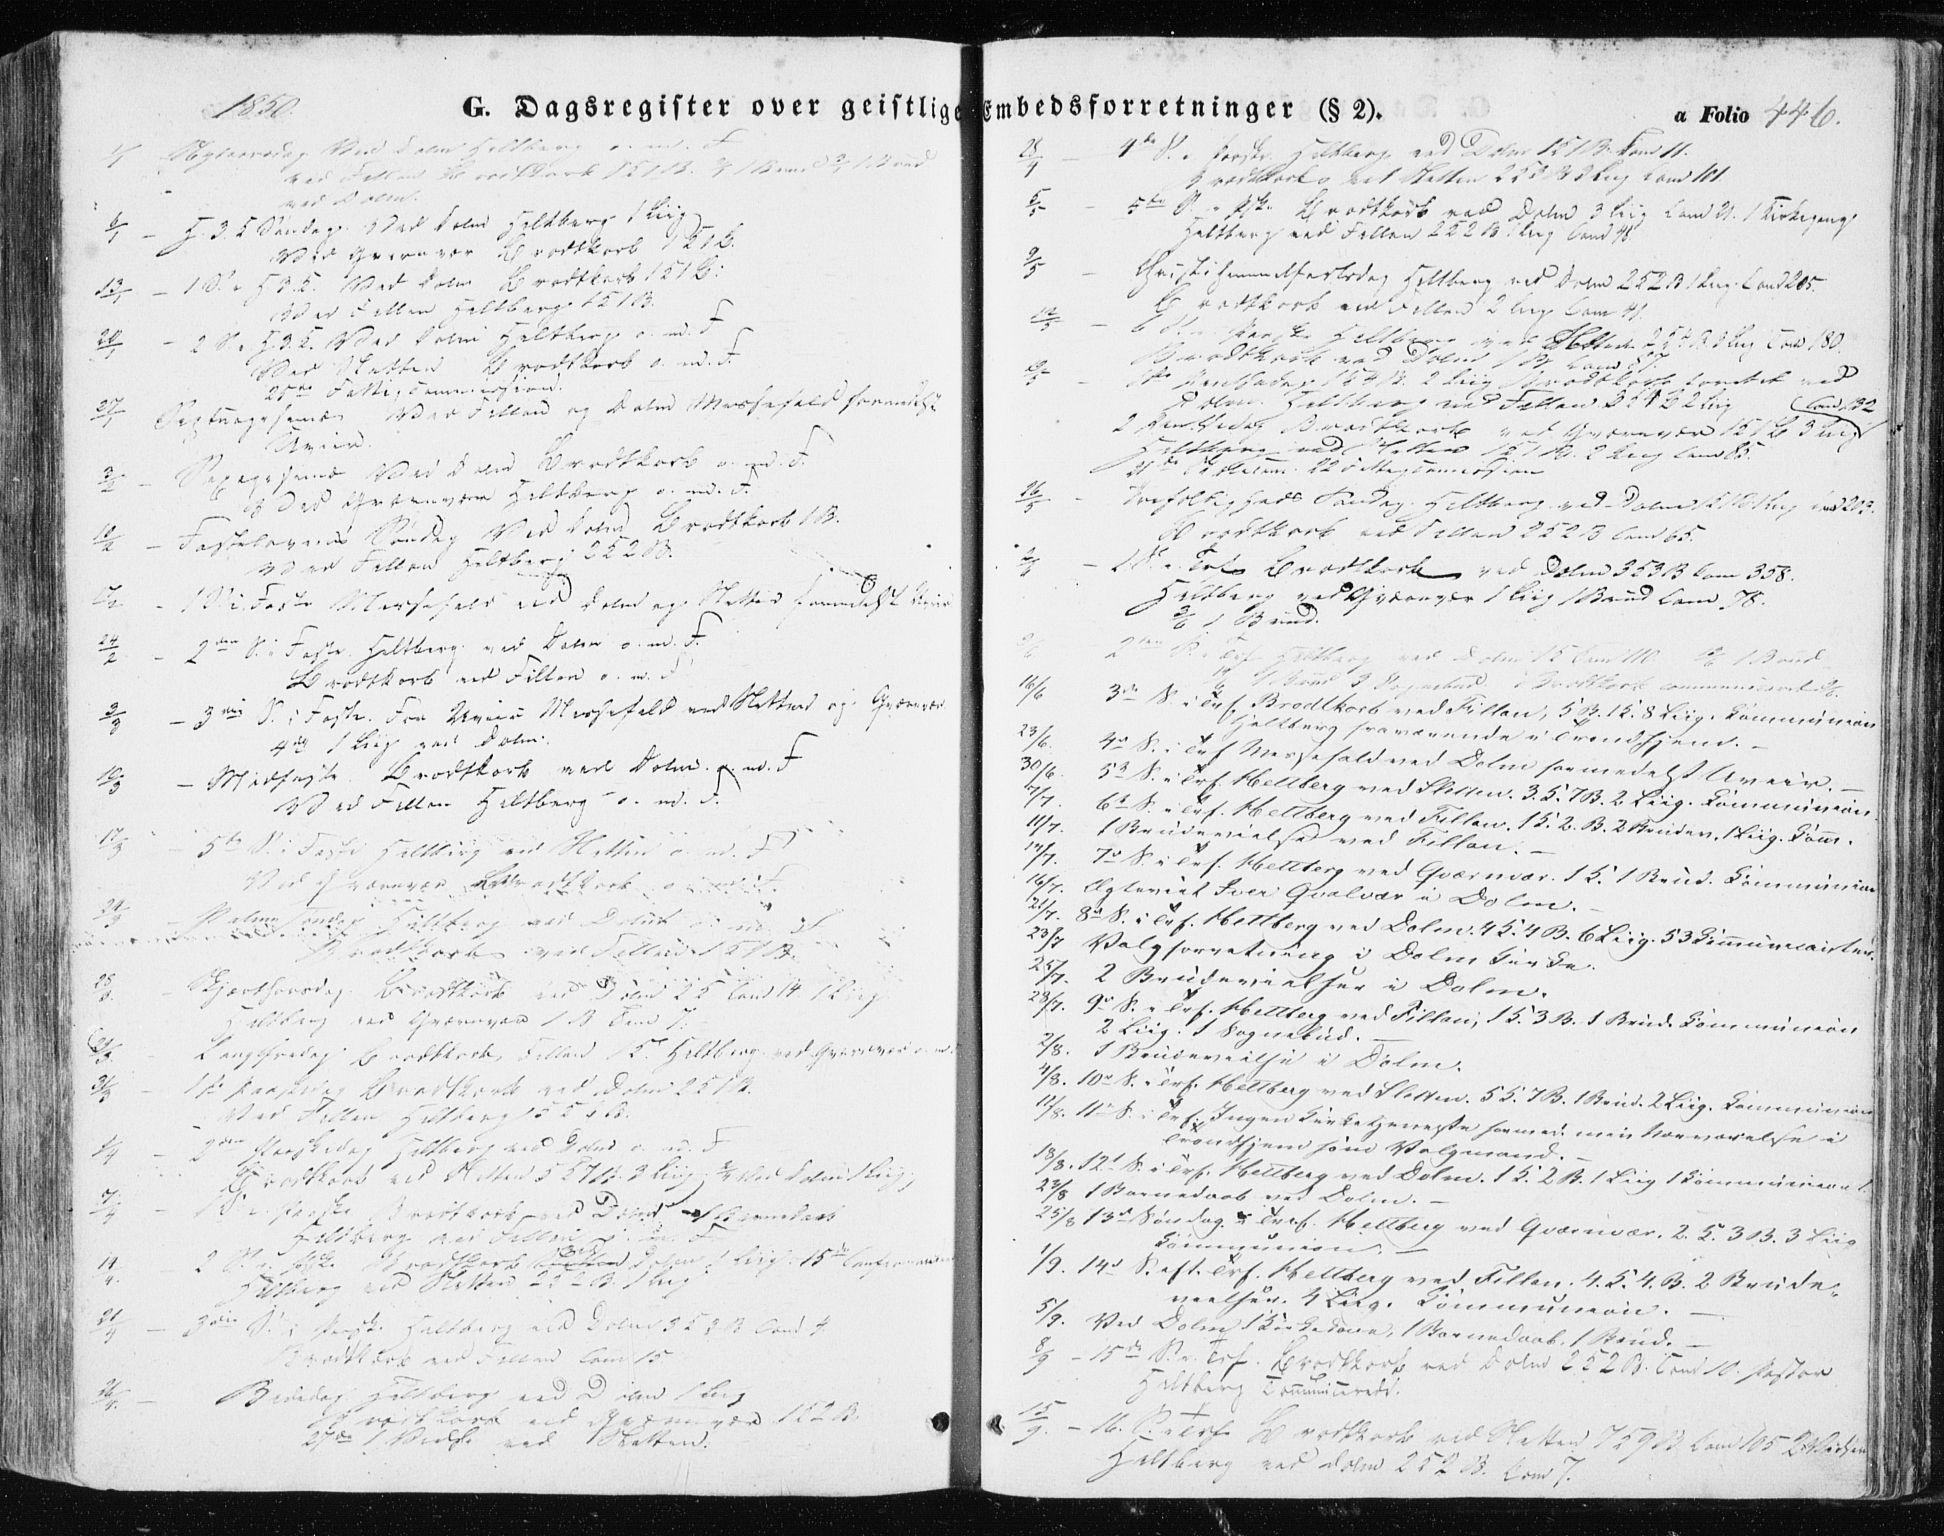 SAT, Ministerialprotokoller, klokkerbøker og fødselsregistre - Sør-Trøndelag, 634/L0529: Ministerialbok nr. 634A05, 1843-1851, s. 446